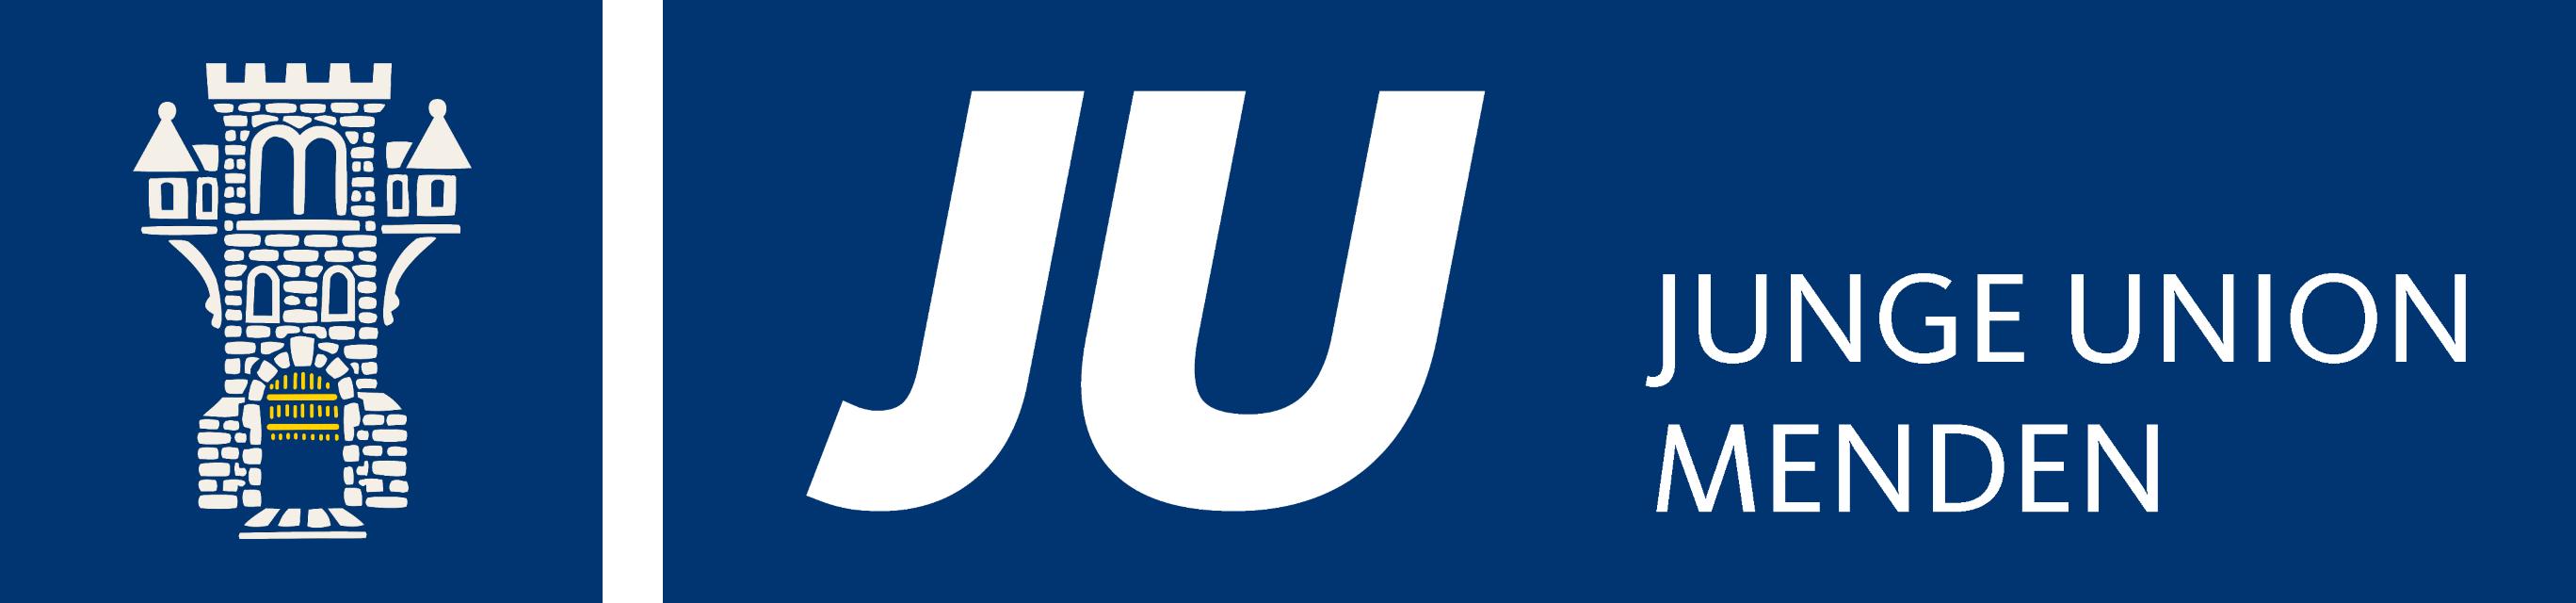 Junge Union Menden